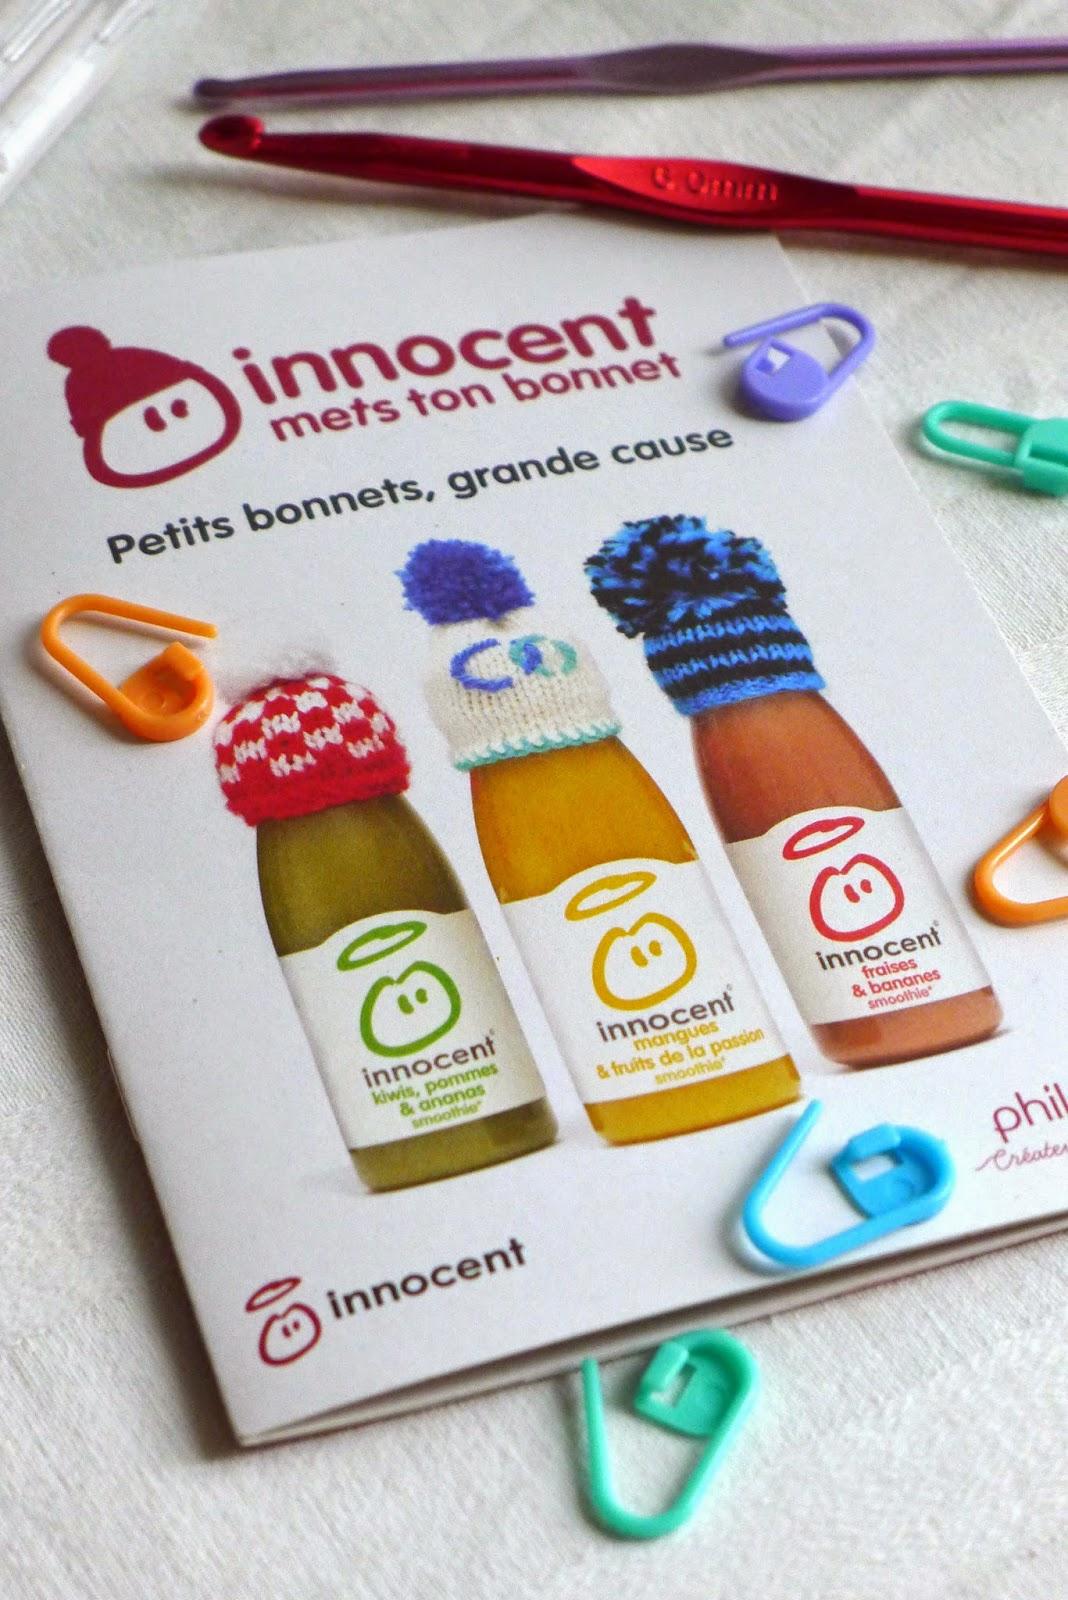 livraison gratuite éclatant acheter pas cher Des mini bonnets avec Innocent! | Recettes pour mon bentô